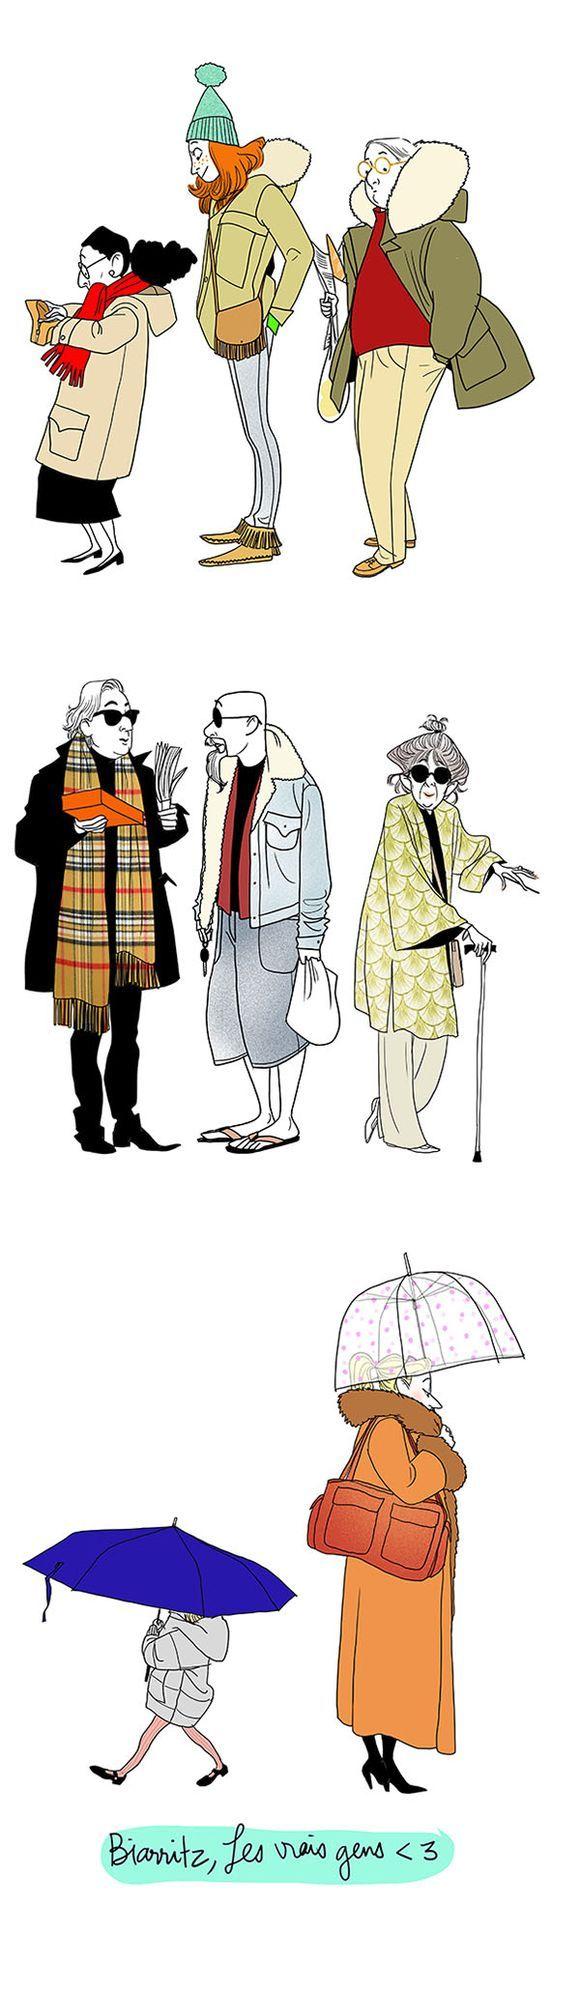 People illustrated